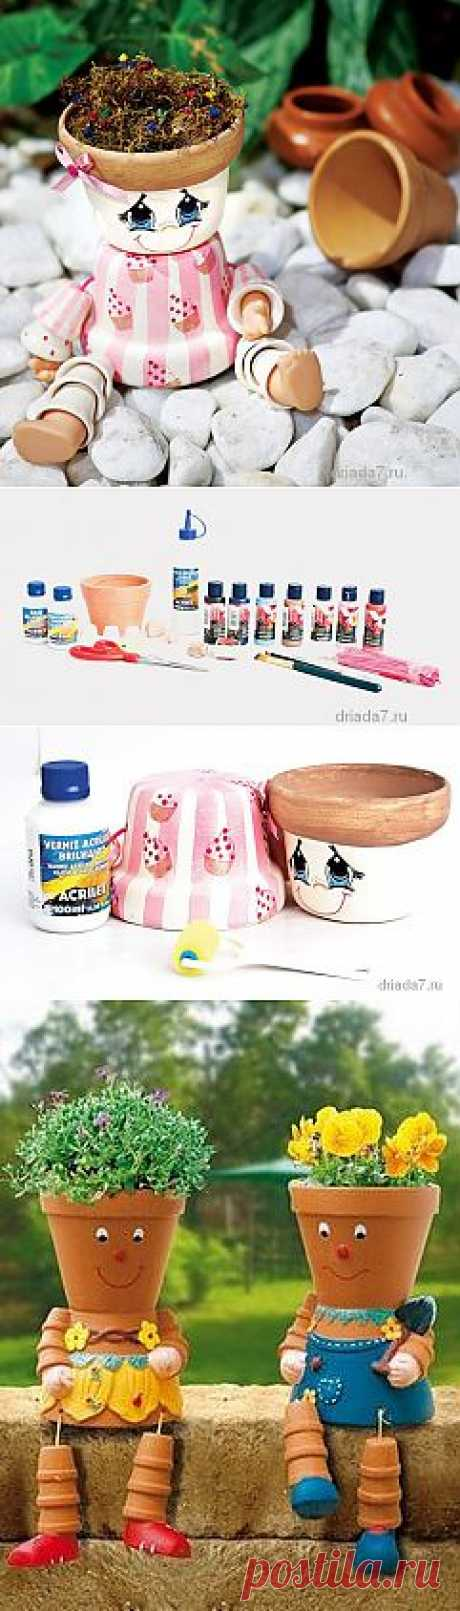 Забавное цветочное кашпо для дачи. Инструкция изготовления.